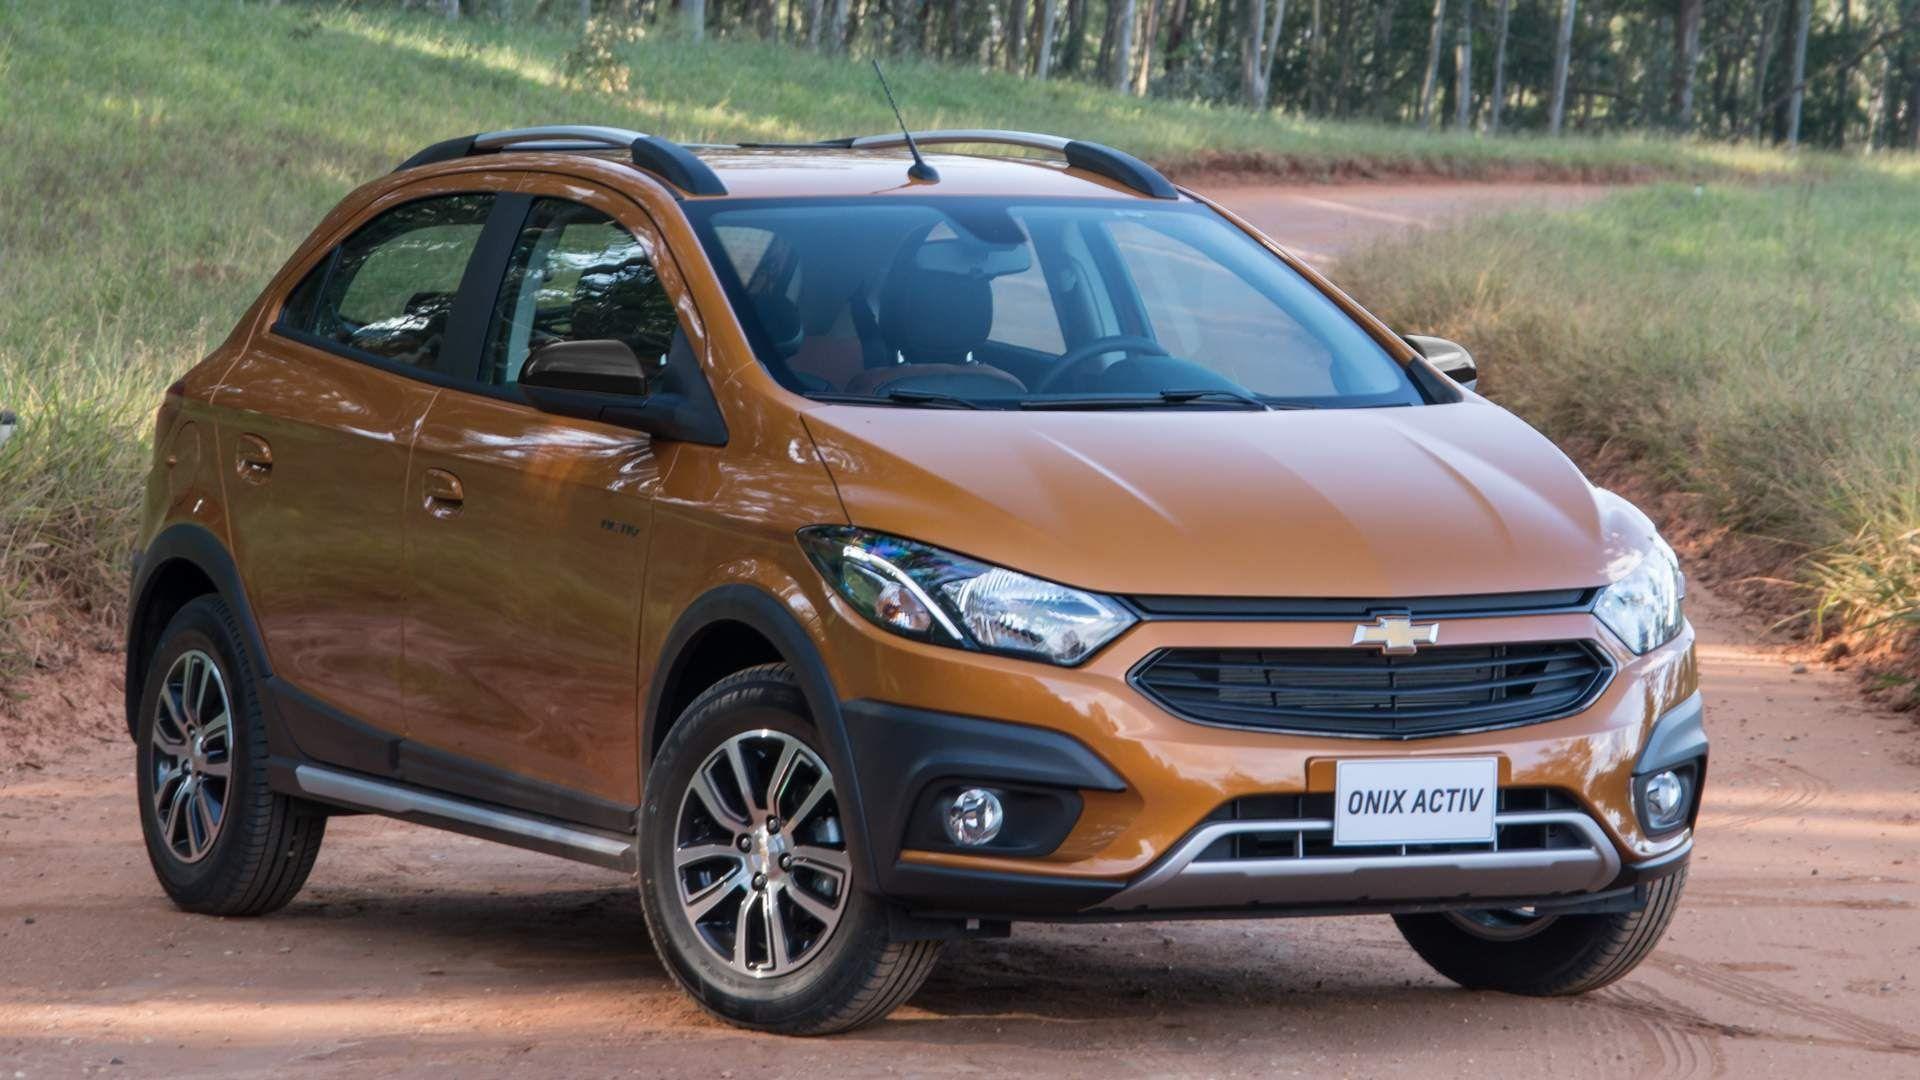 Chevrolet Onix Activ 2017 Precos Consumo Detalhes Www Car Blog Br Carro Mais Vendido Carros E Motos Veiculos